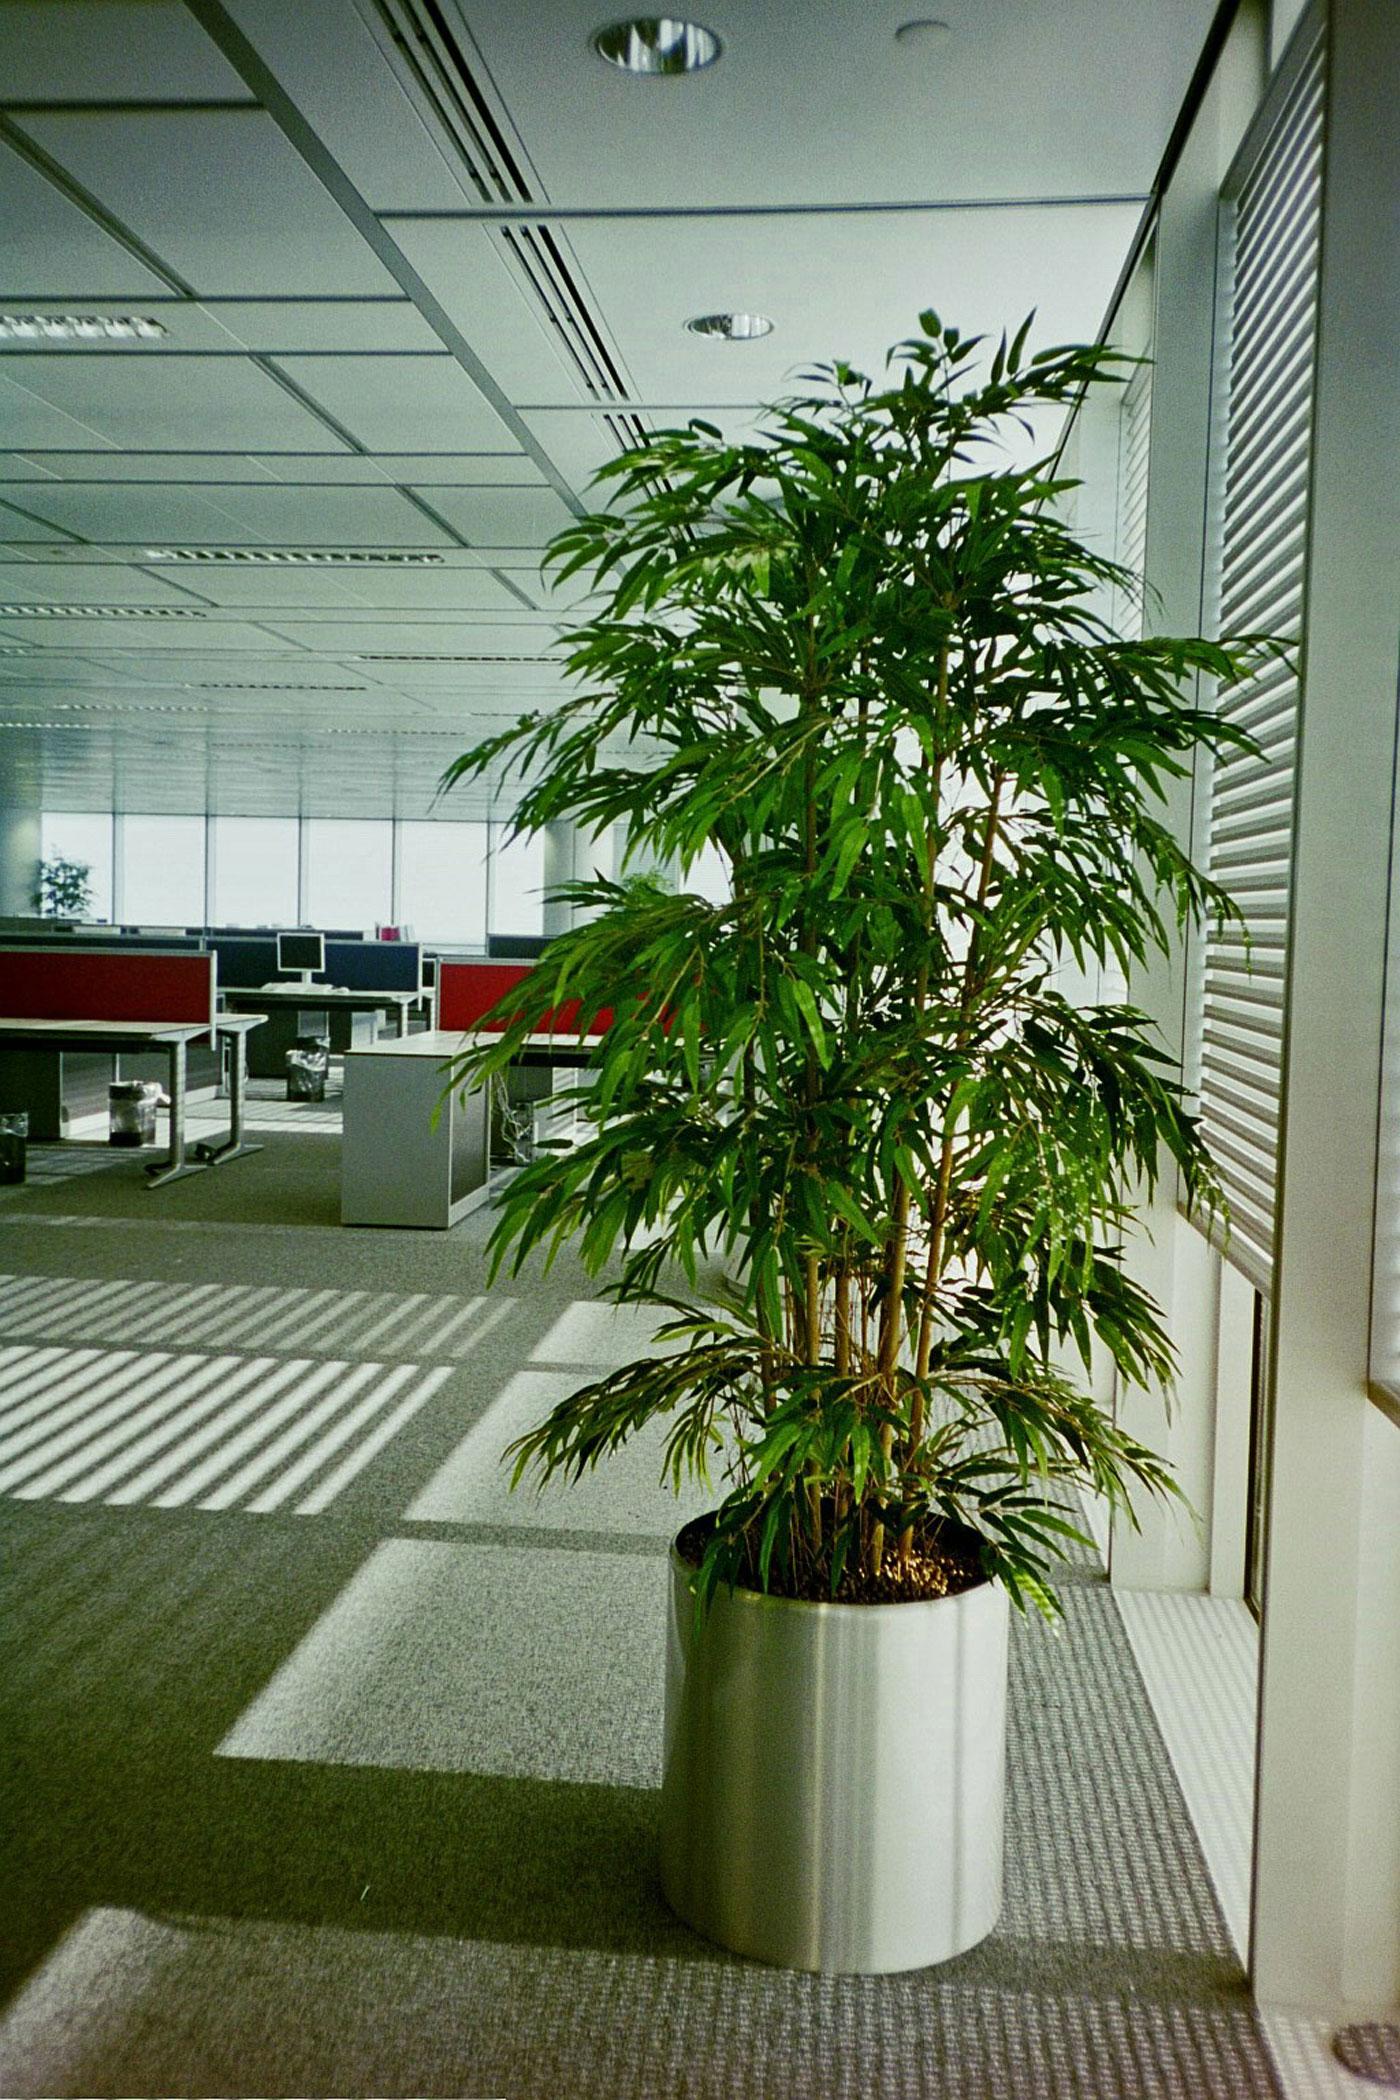 Attirant ... Artificial Bamboo Tree In A Circular Metal Planter ...